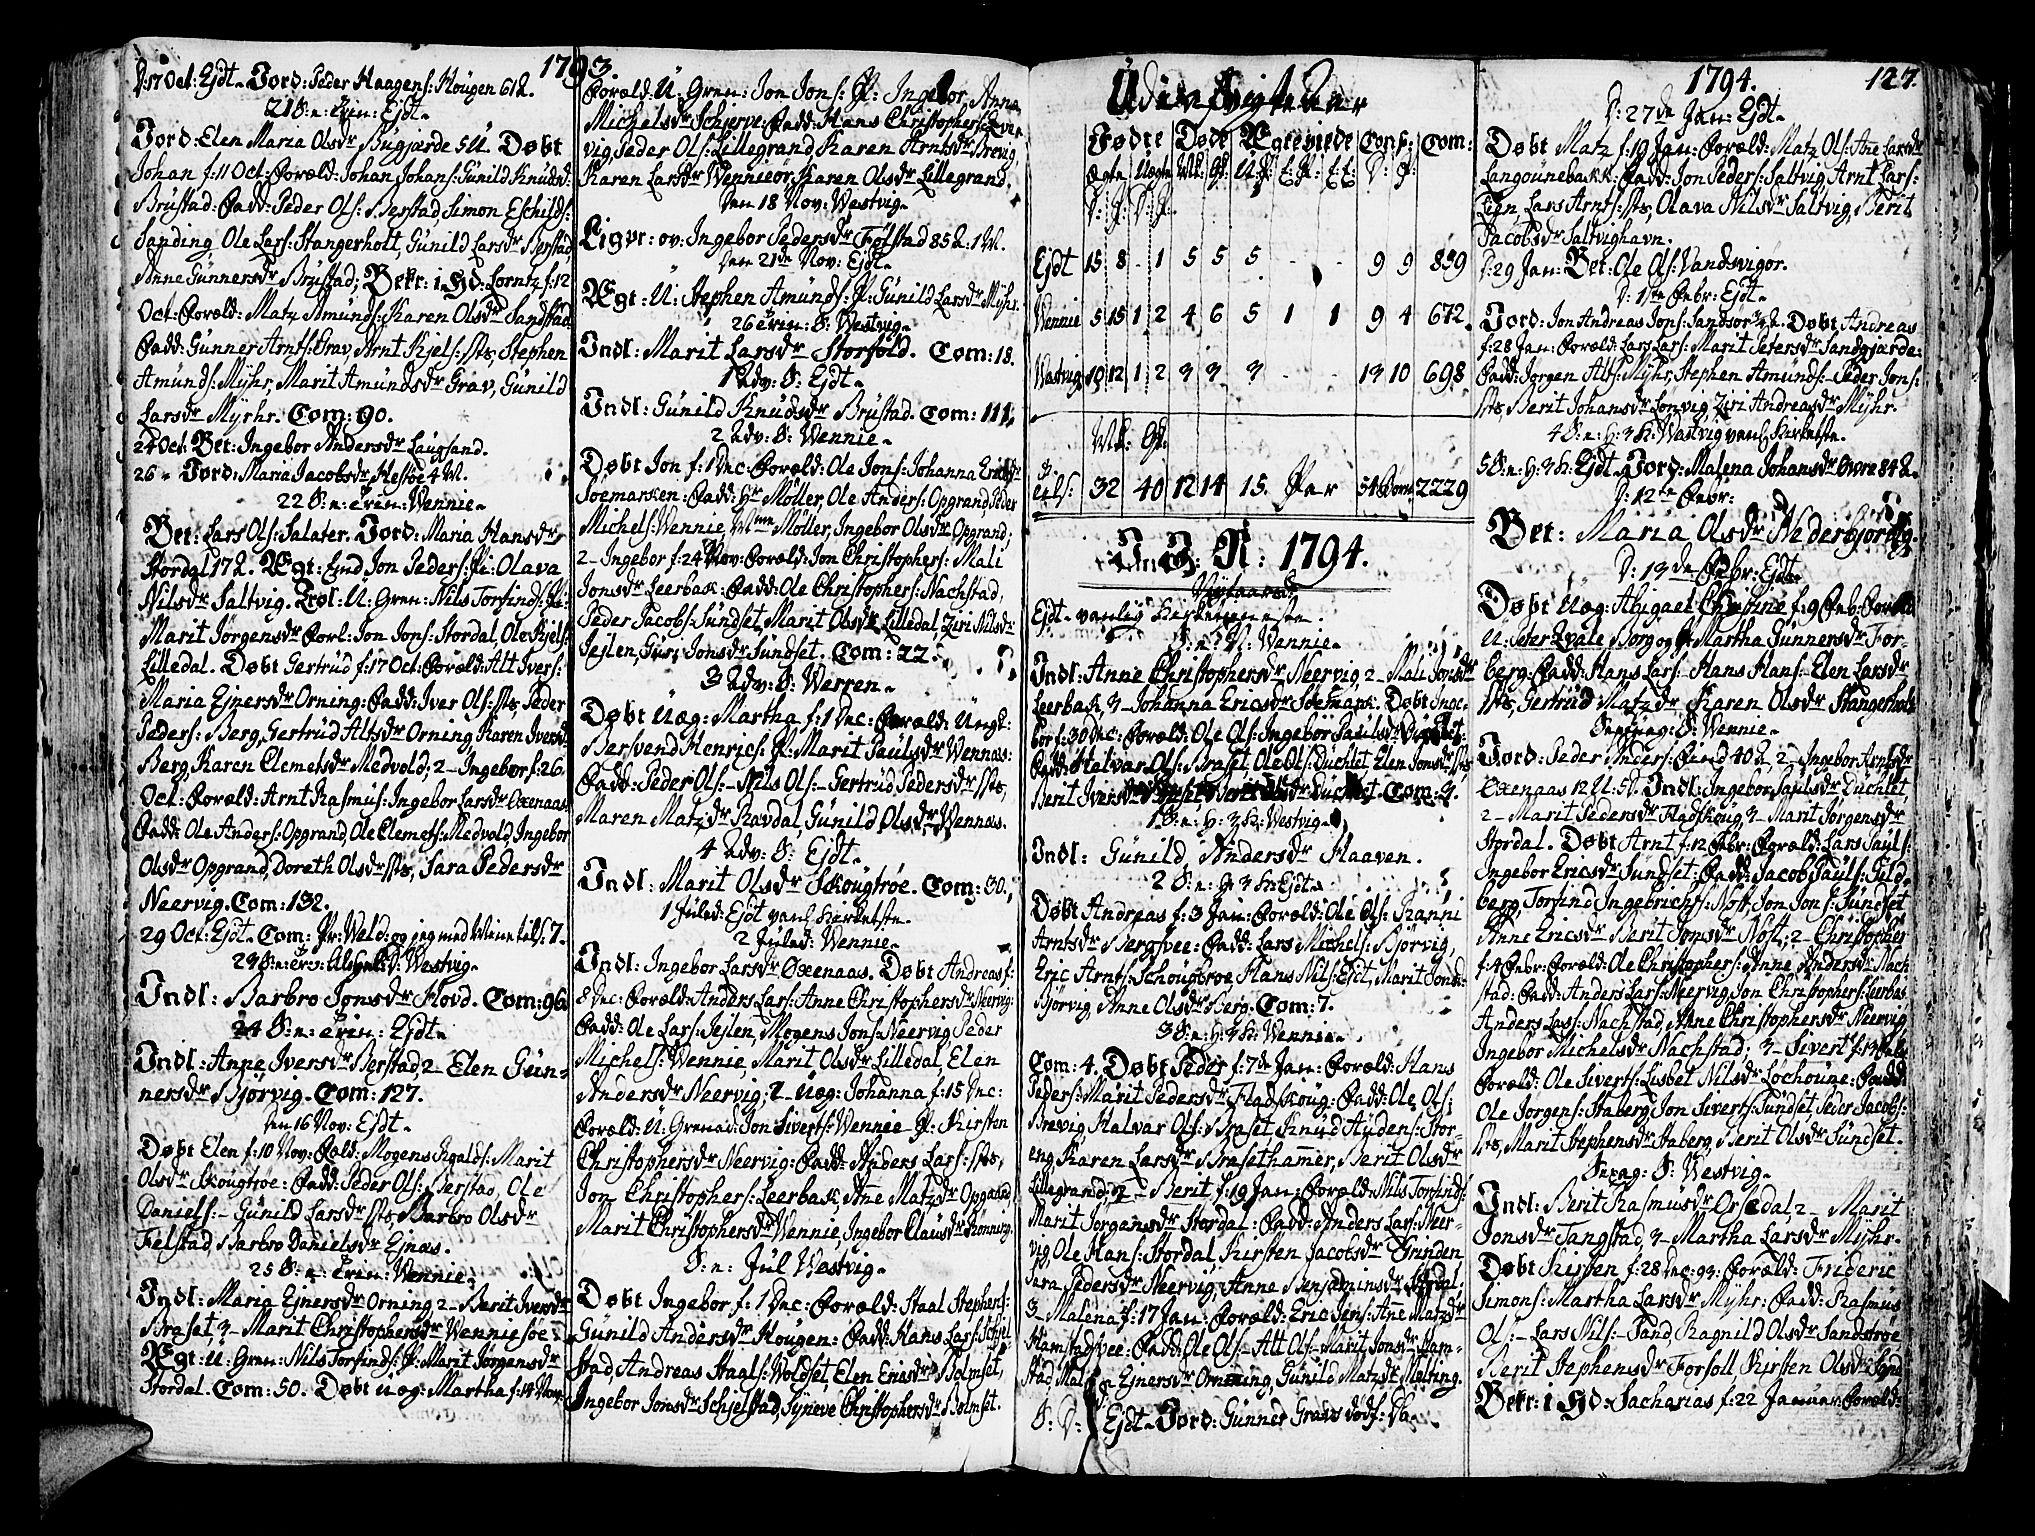 SAT, Ministerialprotokoller, klokkerbøker og fødselsregistre - Nord-Trøndelag, 722/L0216: Ministerialbok nr. 722A03, 1756-1816, s. 127